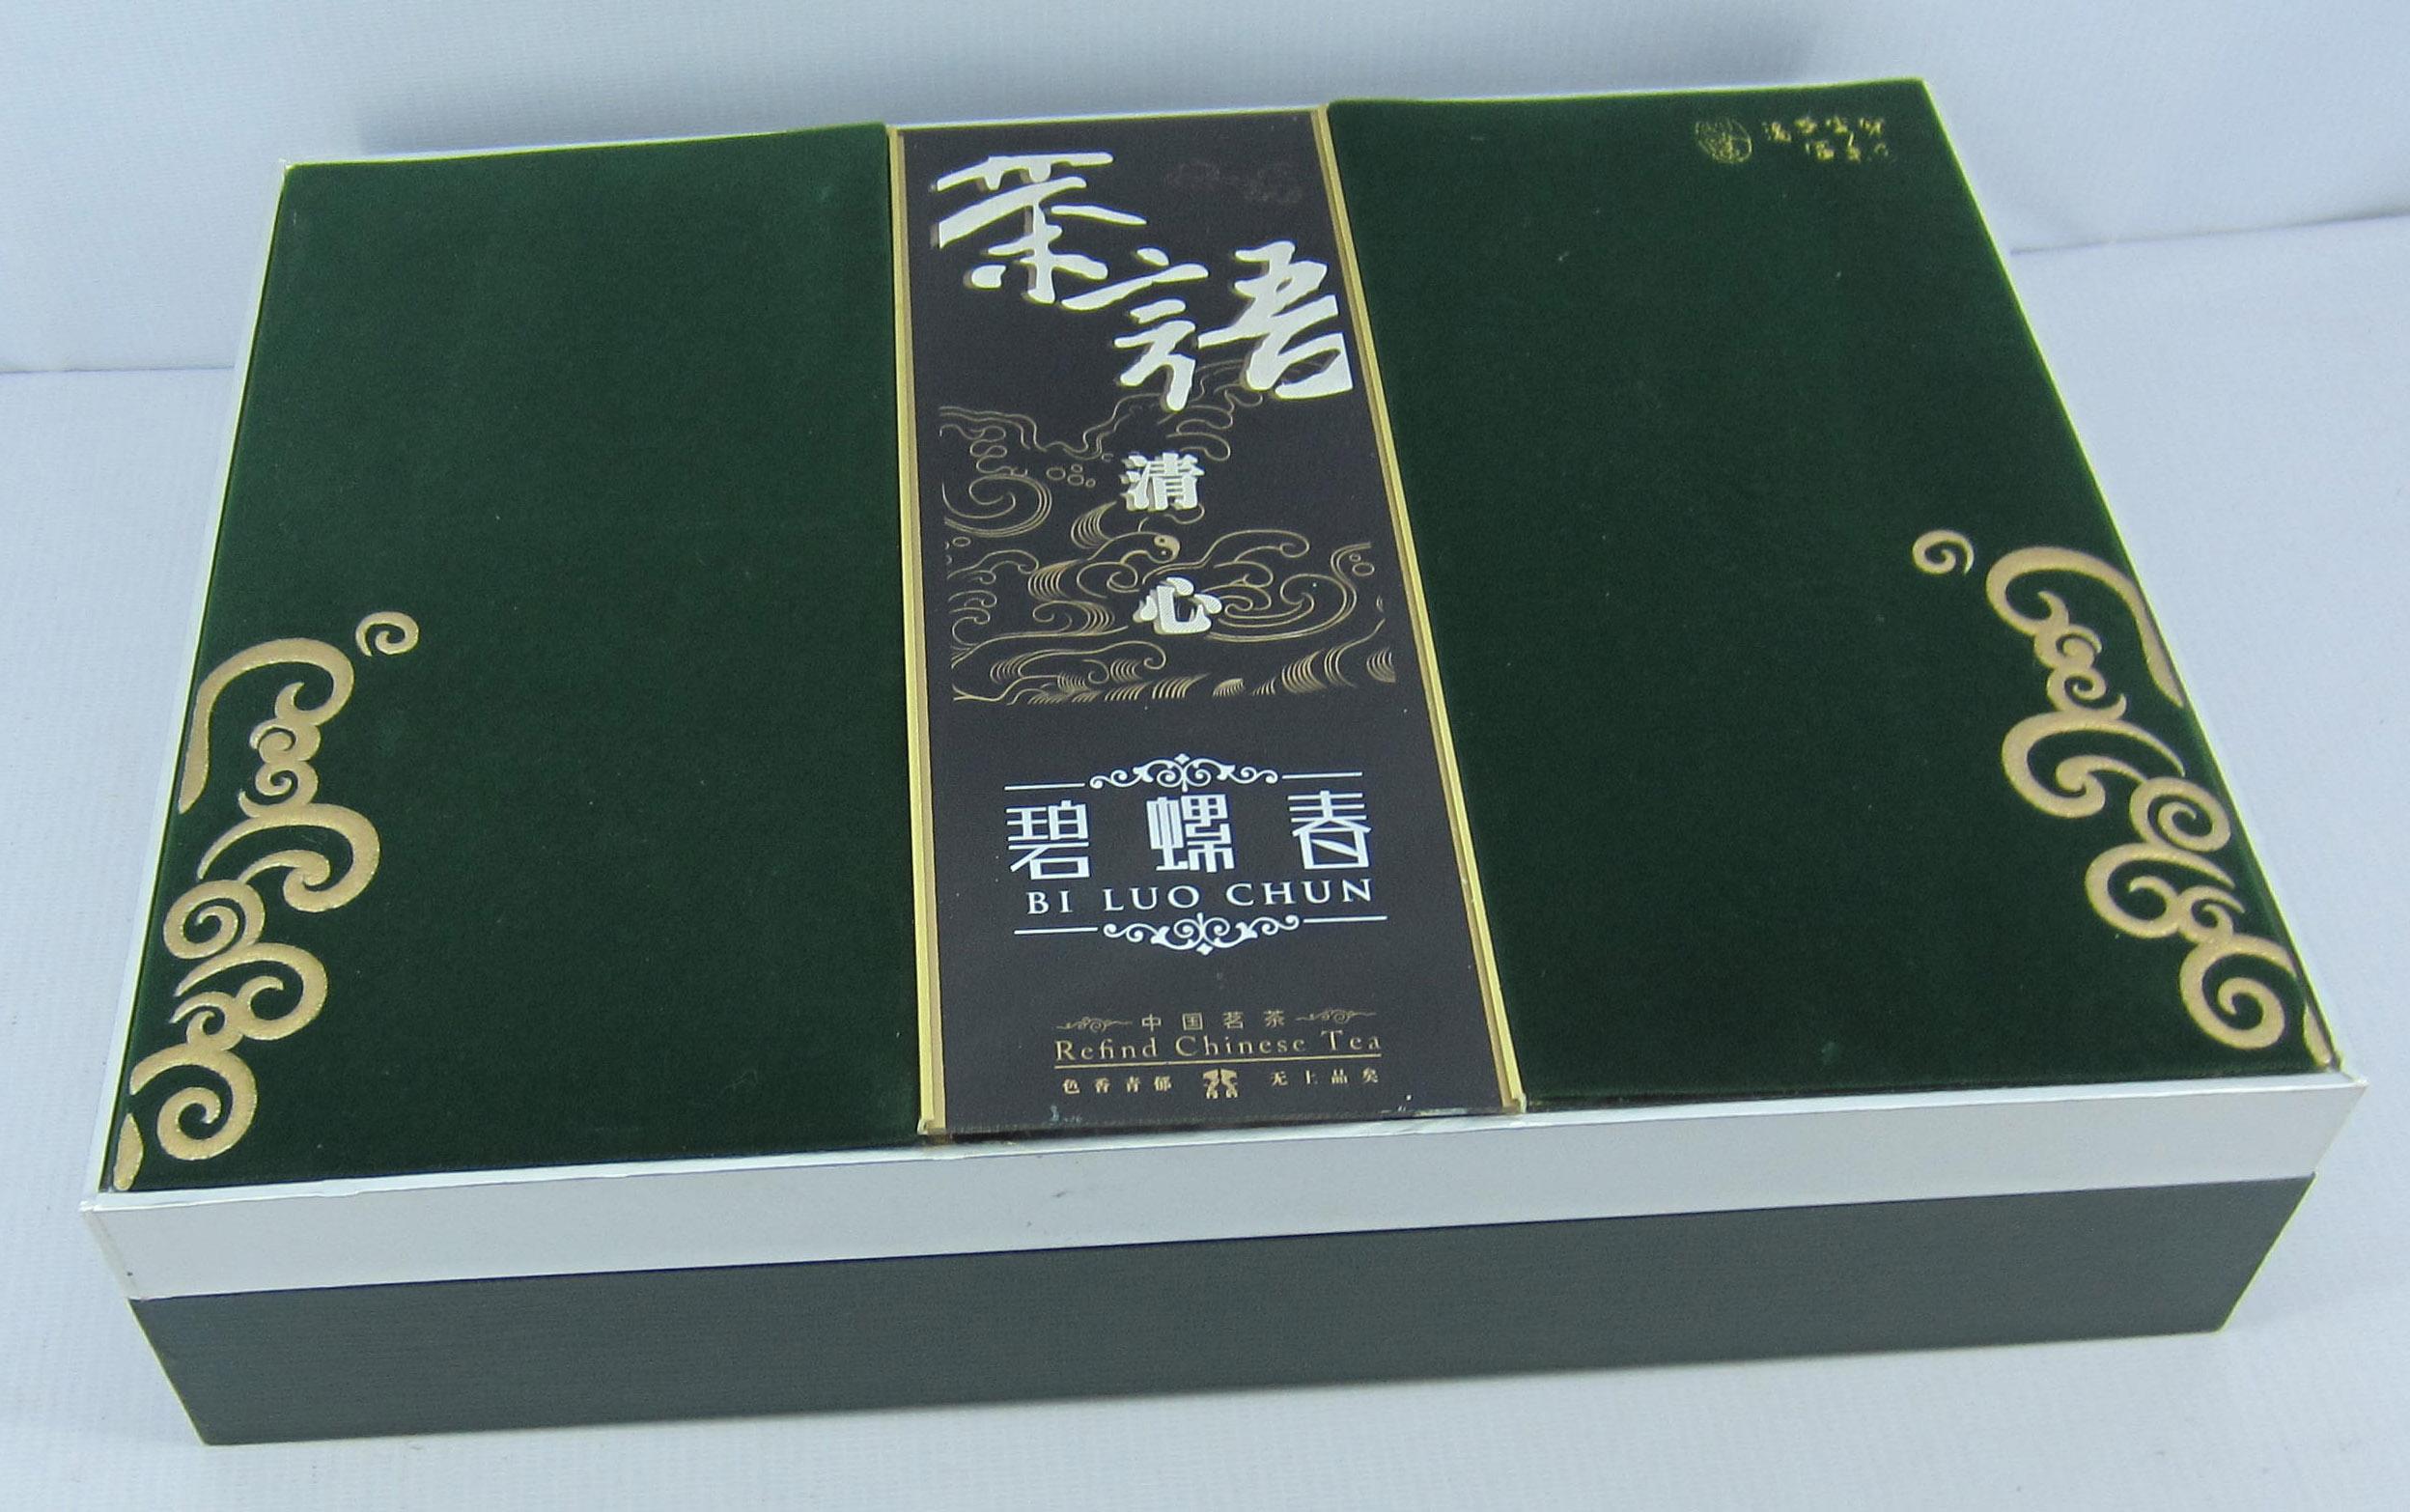 描述: 公司介绍: 北京巨鑫聚禾工艺美术设计中心成立于2008年,是专业提供收藏品类、礼品类、酒类、茶类、月饼类、电子产品类等工艺包装及卡书,邮票册,精装书,精装盒等多元化新型综合包装企业。公司占地面积5000多平方米,建筑面积达3000多平方米,现有固定资产500多万元,单日平均成品产量达1000多件套。目前拥有员工100多人,其中高素质管理人才和技术骨干达10多人。公司拥有先进的生产设备和雄厚的技术力量,积极推行ISO9000质量管理体系,运用科学的工艺流程,积极开发新材料、新工艺、新品种。尤其是目前